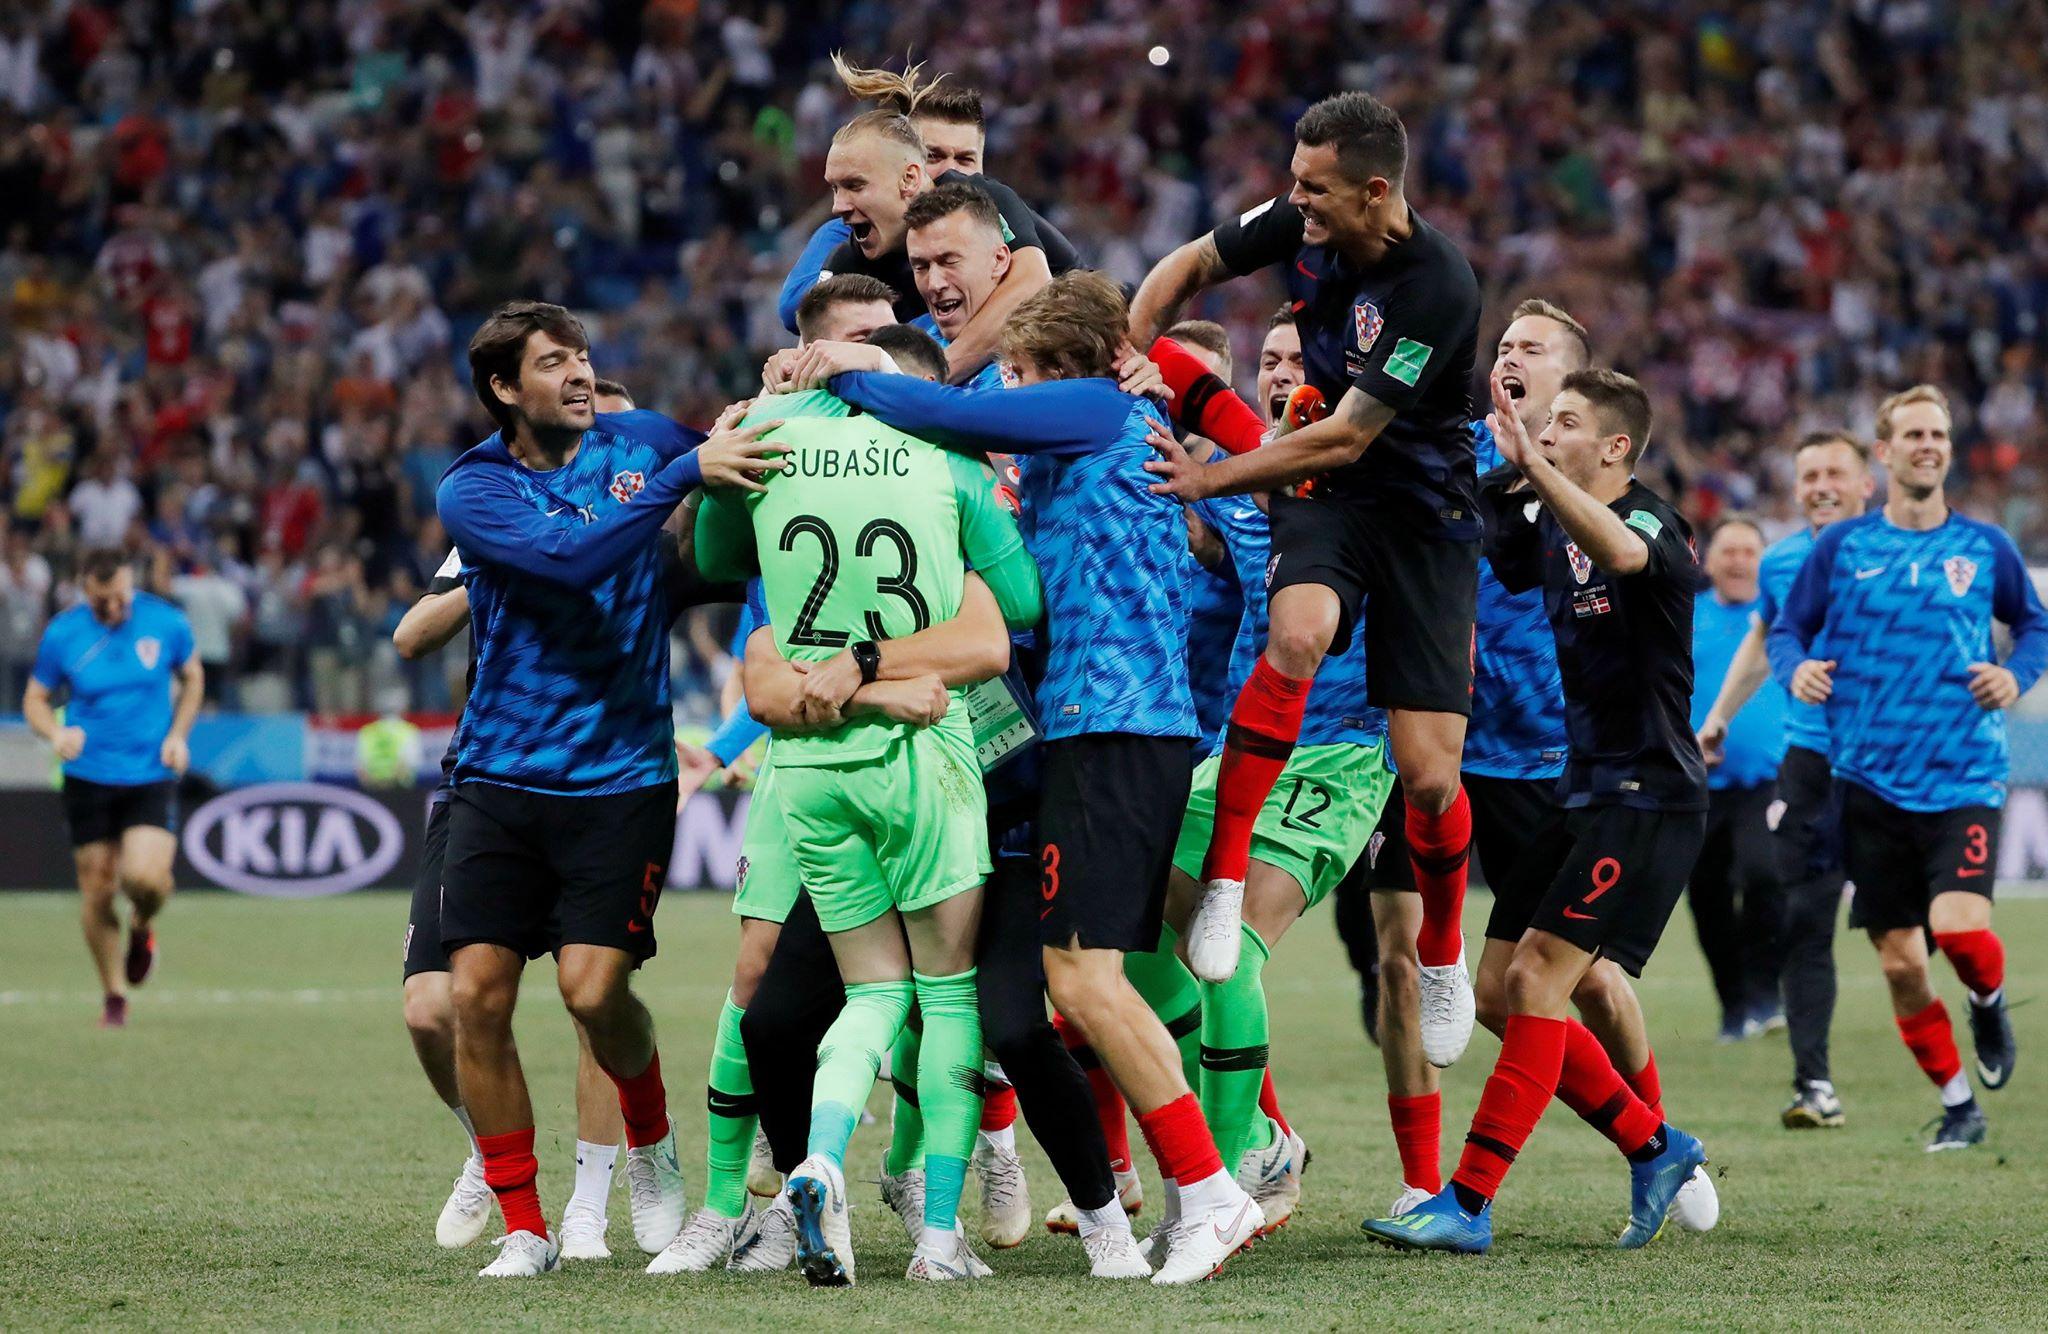 لاول مرة في تاريخها .. كرواتيا تبلغ نهائي مونديال كأس العالم